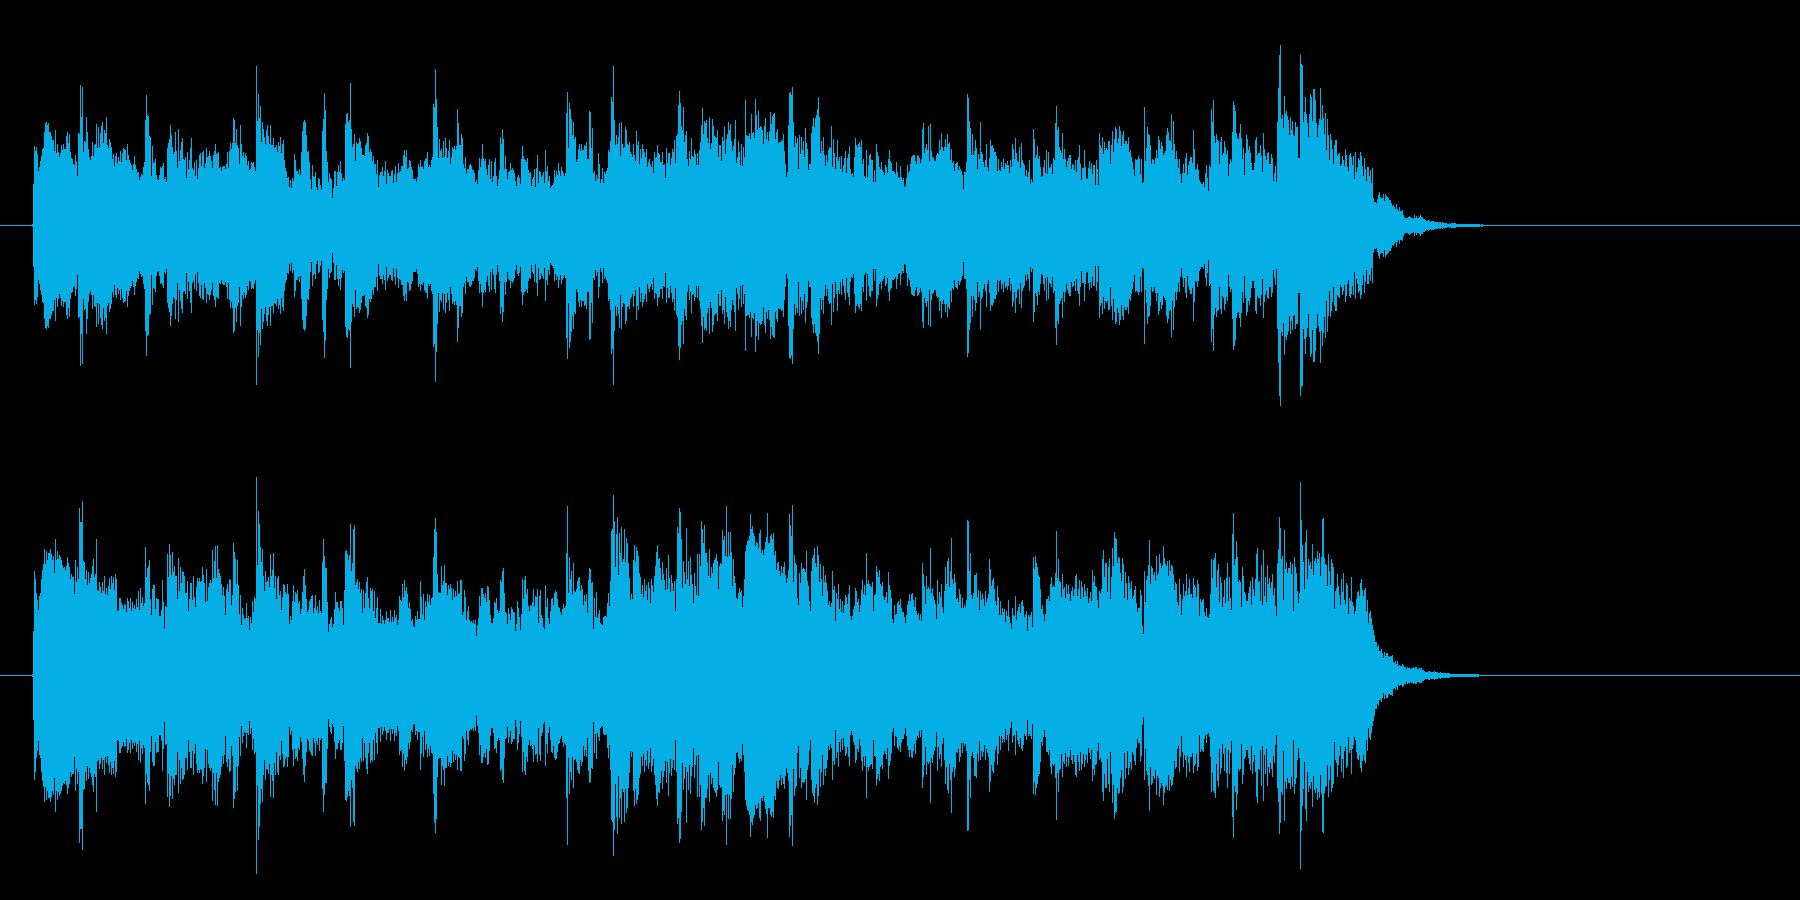 アコースティックバラード(サビ)の再生済みの波形